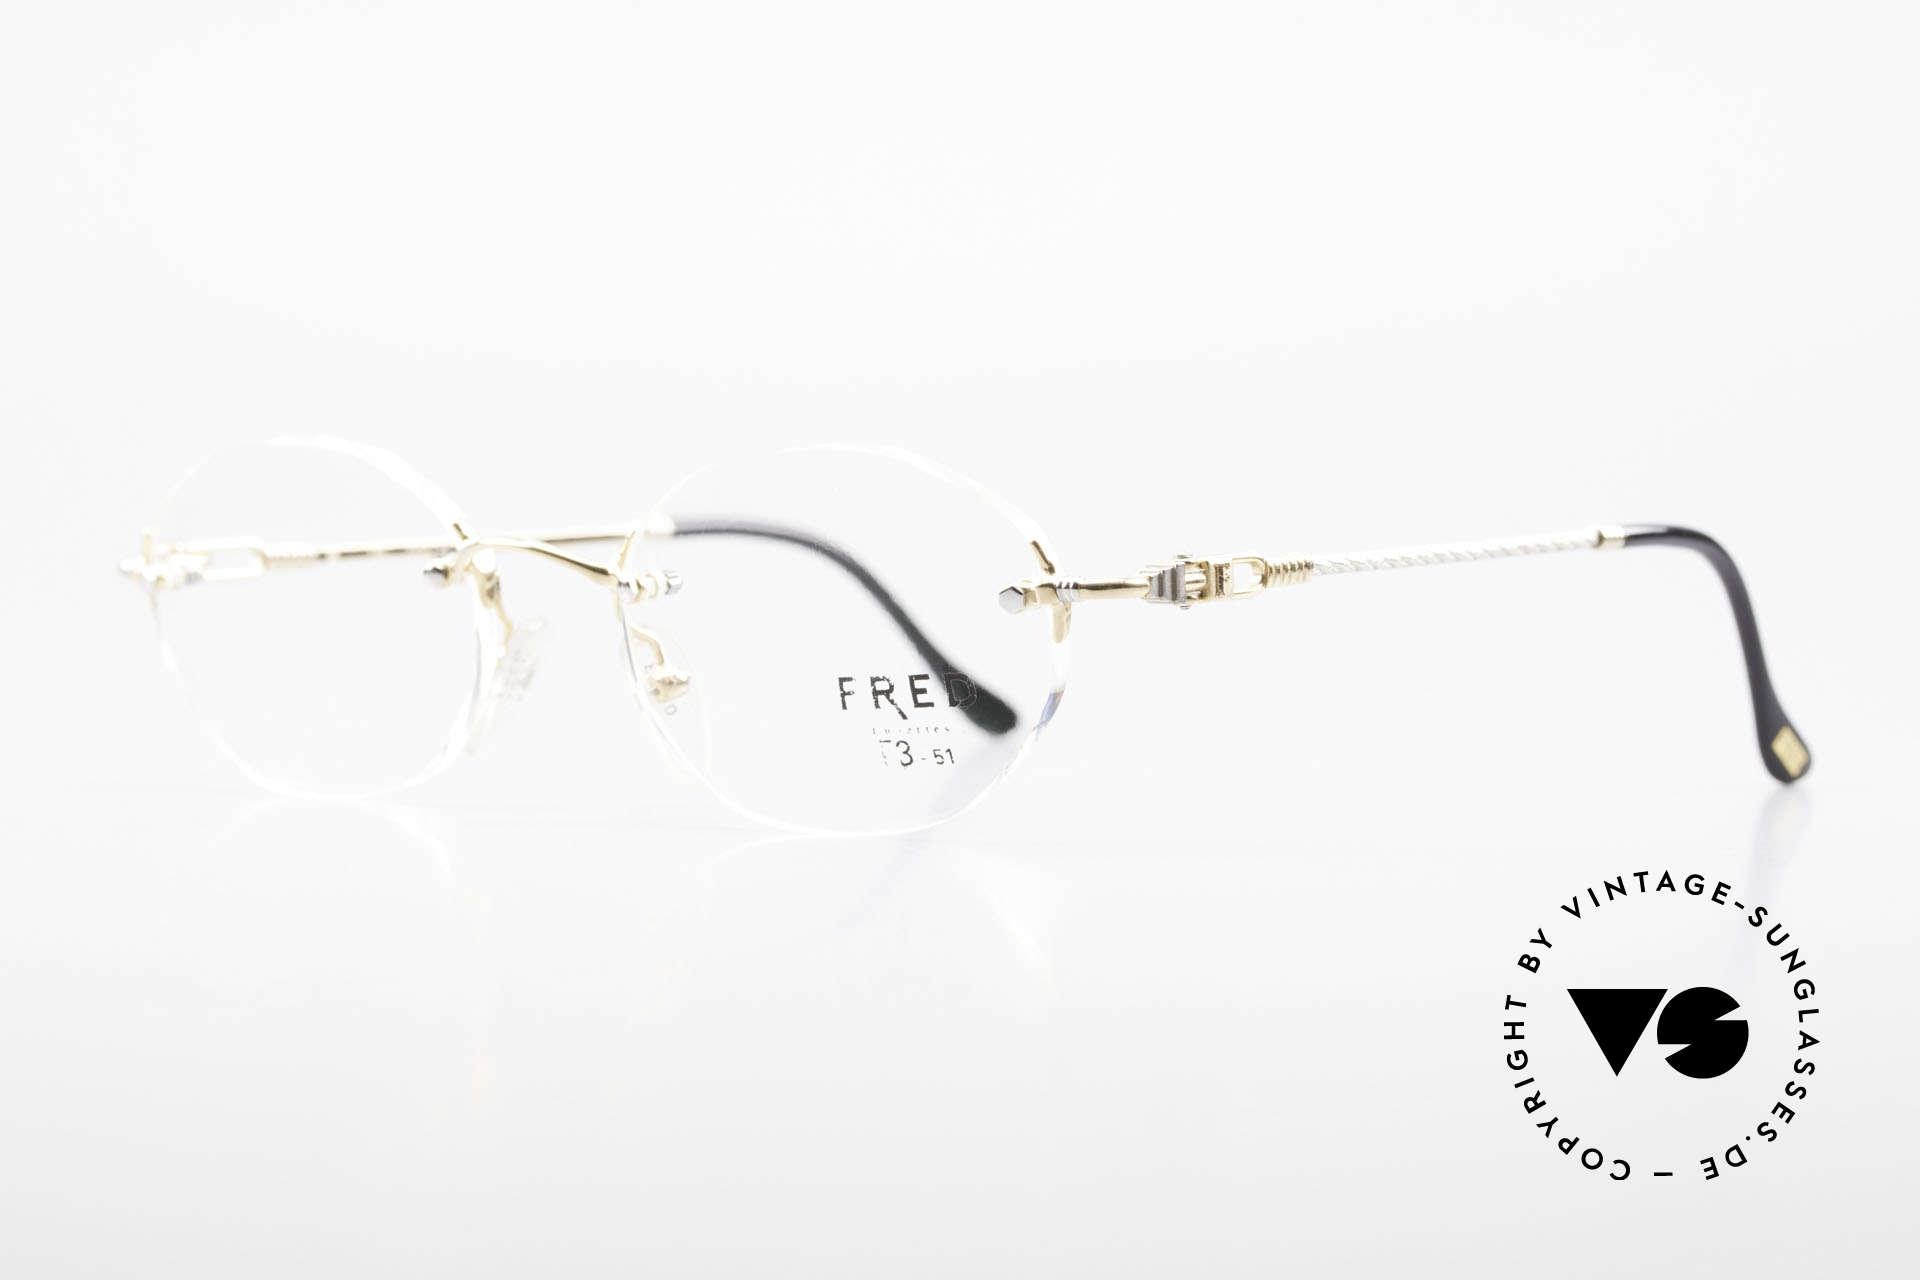 Fred Fidji Luxus Brille Randlos Segler, Modell benannt nach den Fidschi Inseln im Südpazifik, Passend für Herren und Damen